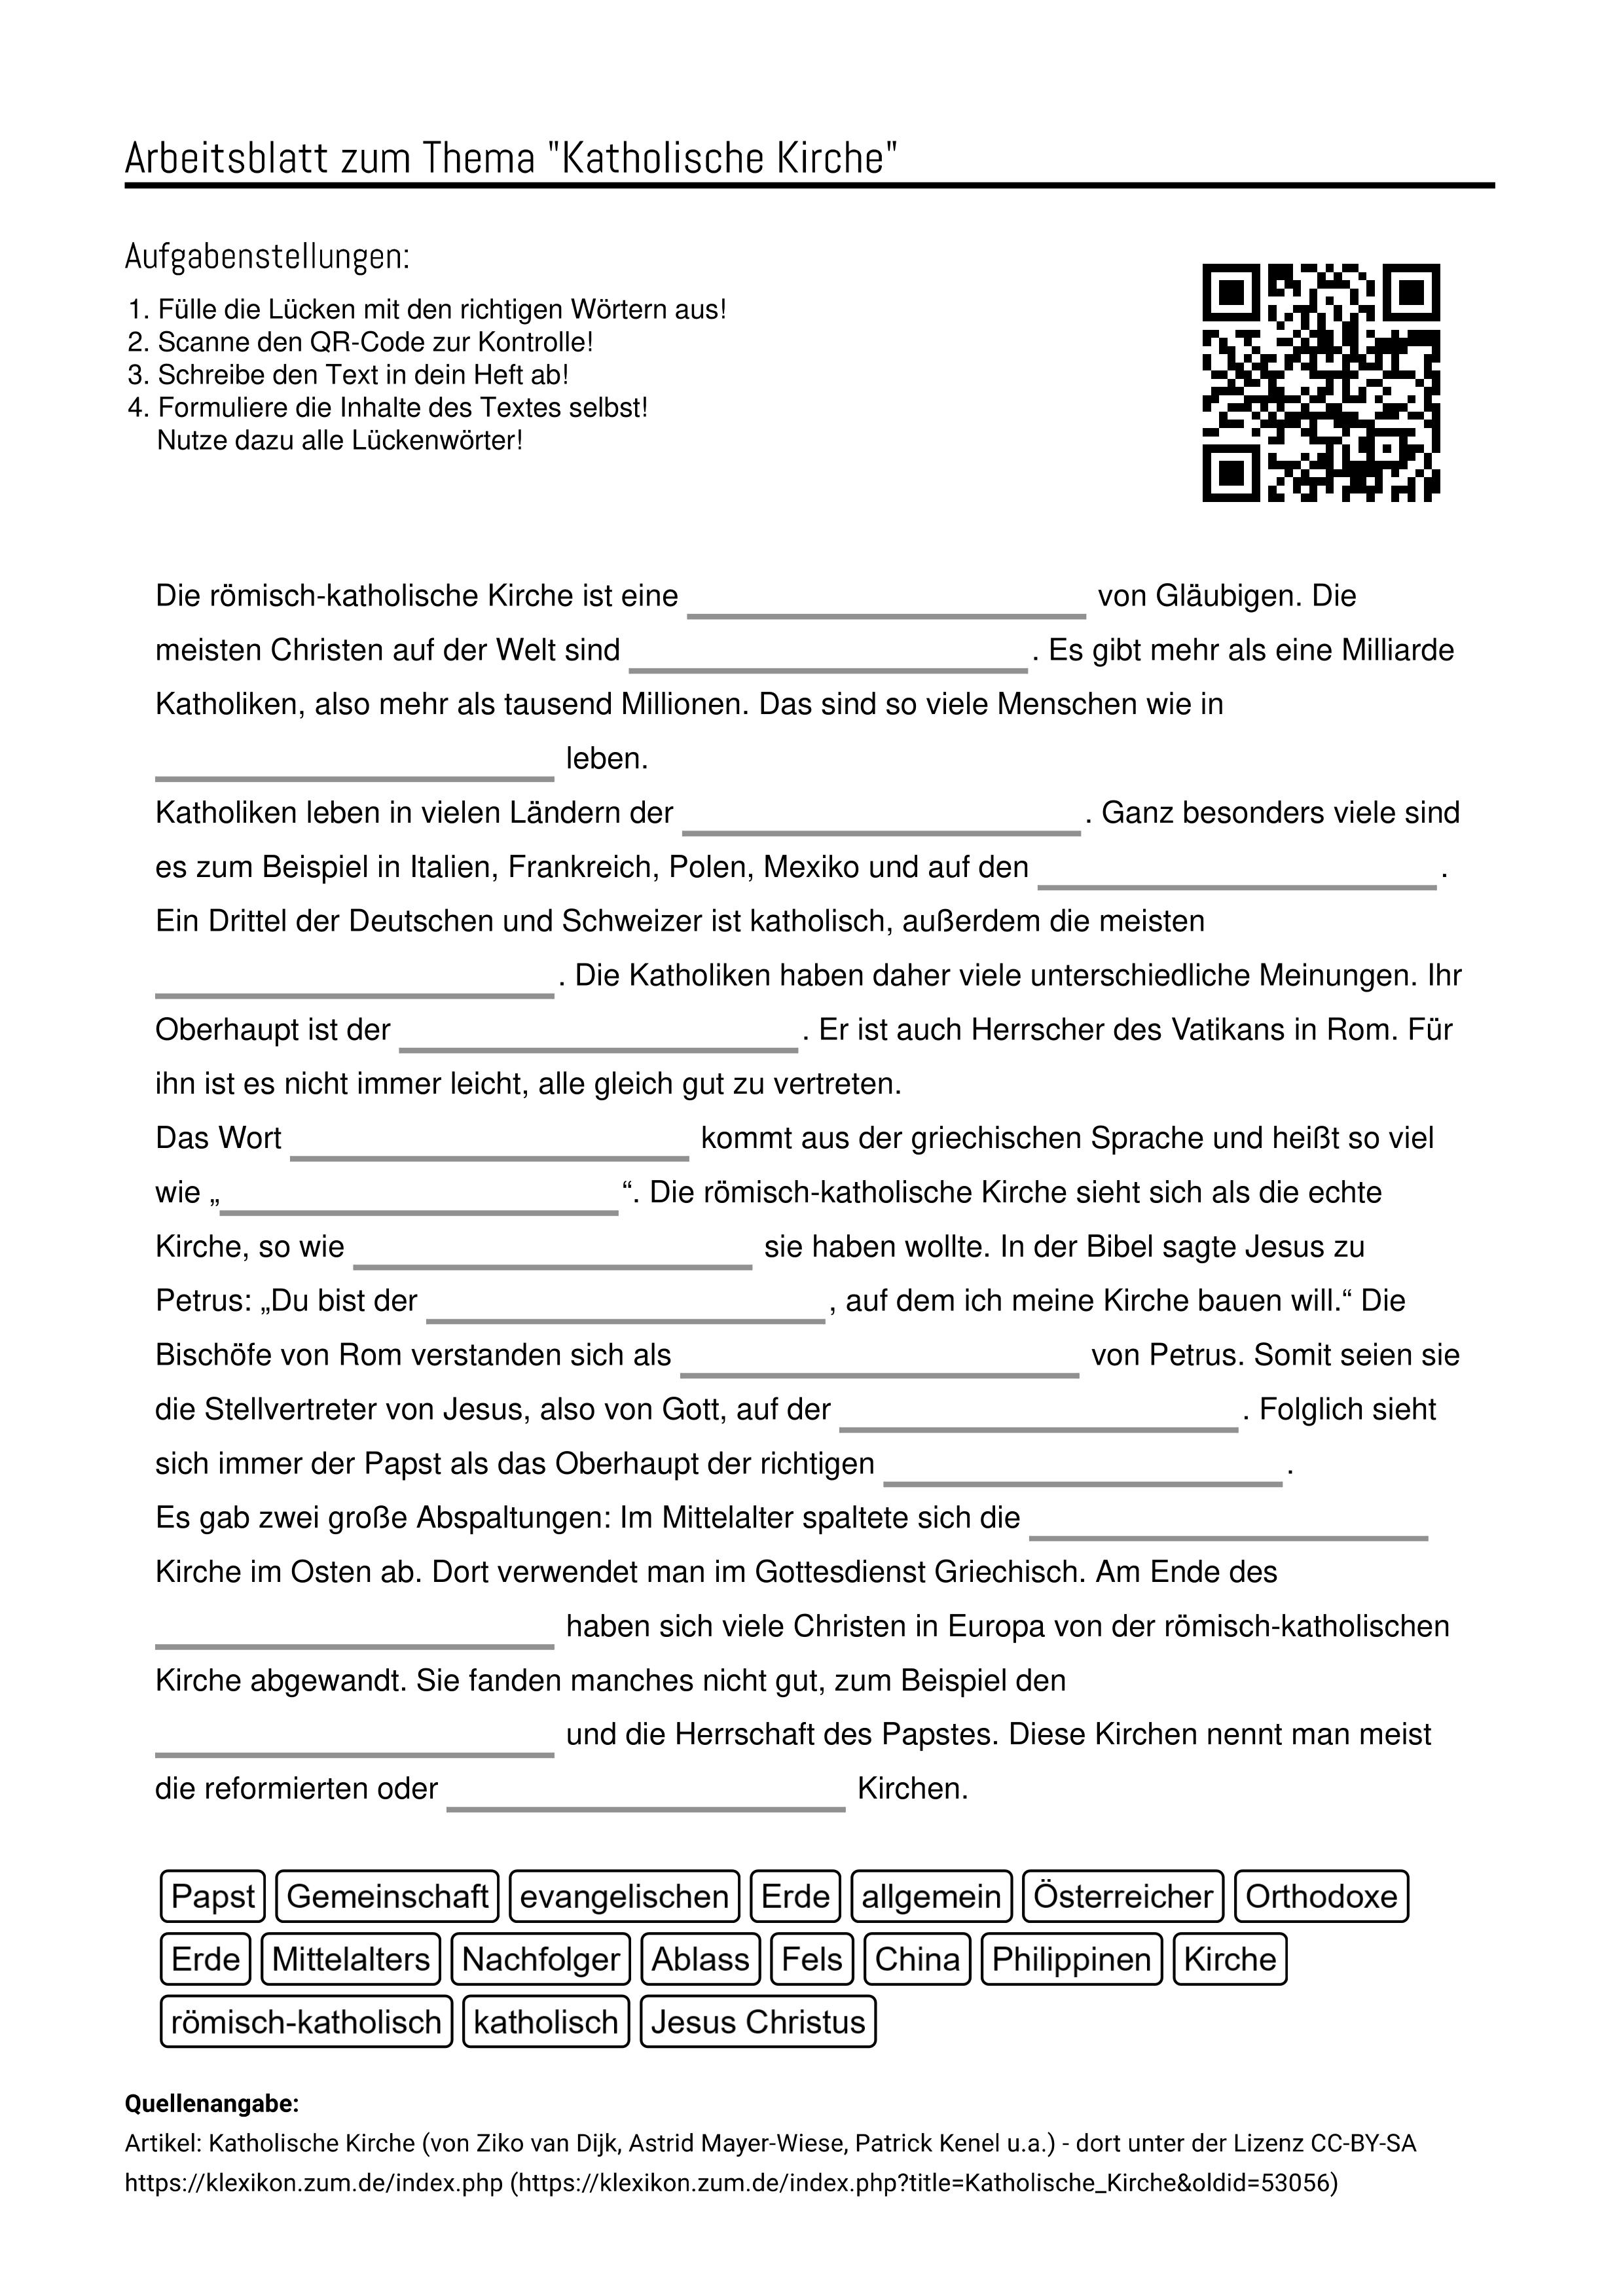 Arbeitsblatter Zum Thema Aufgabenstellung Katholische Kirche Arbeitsblatter